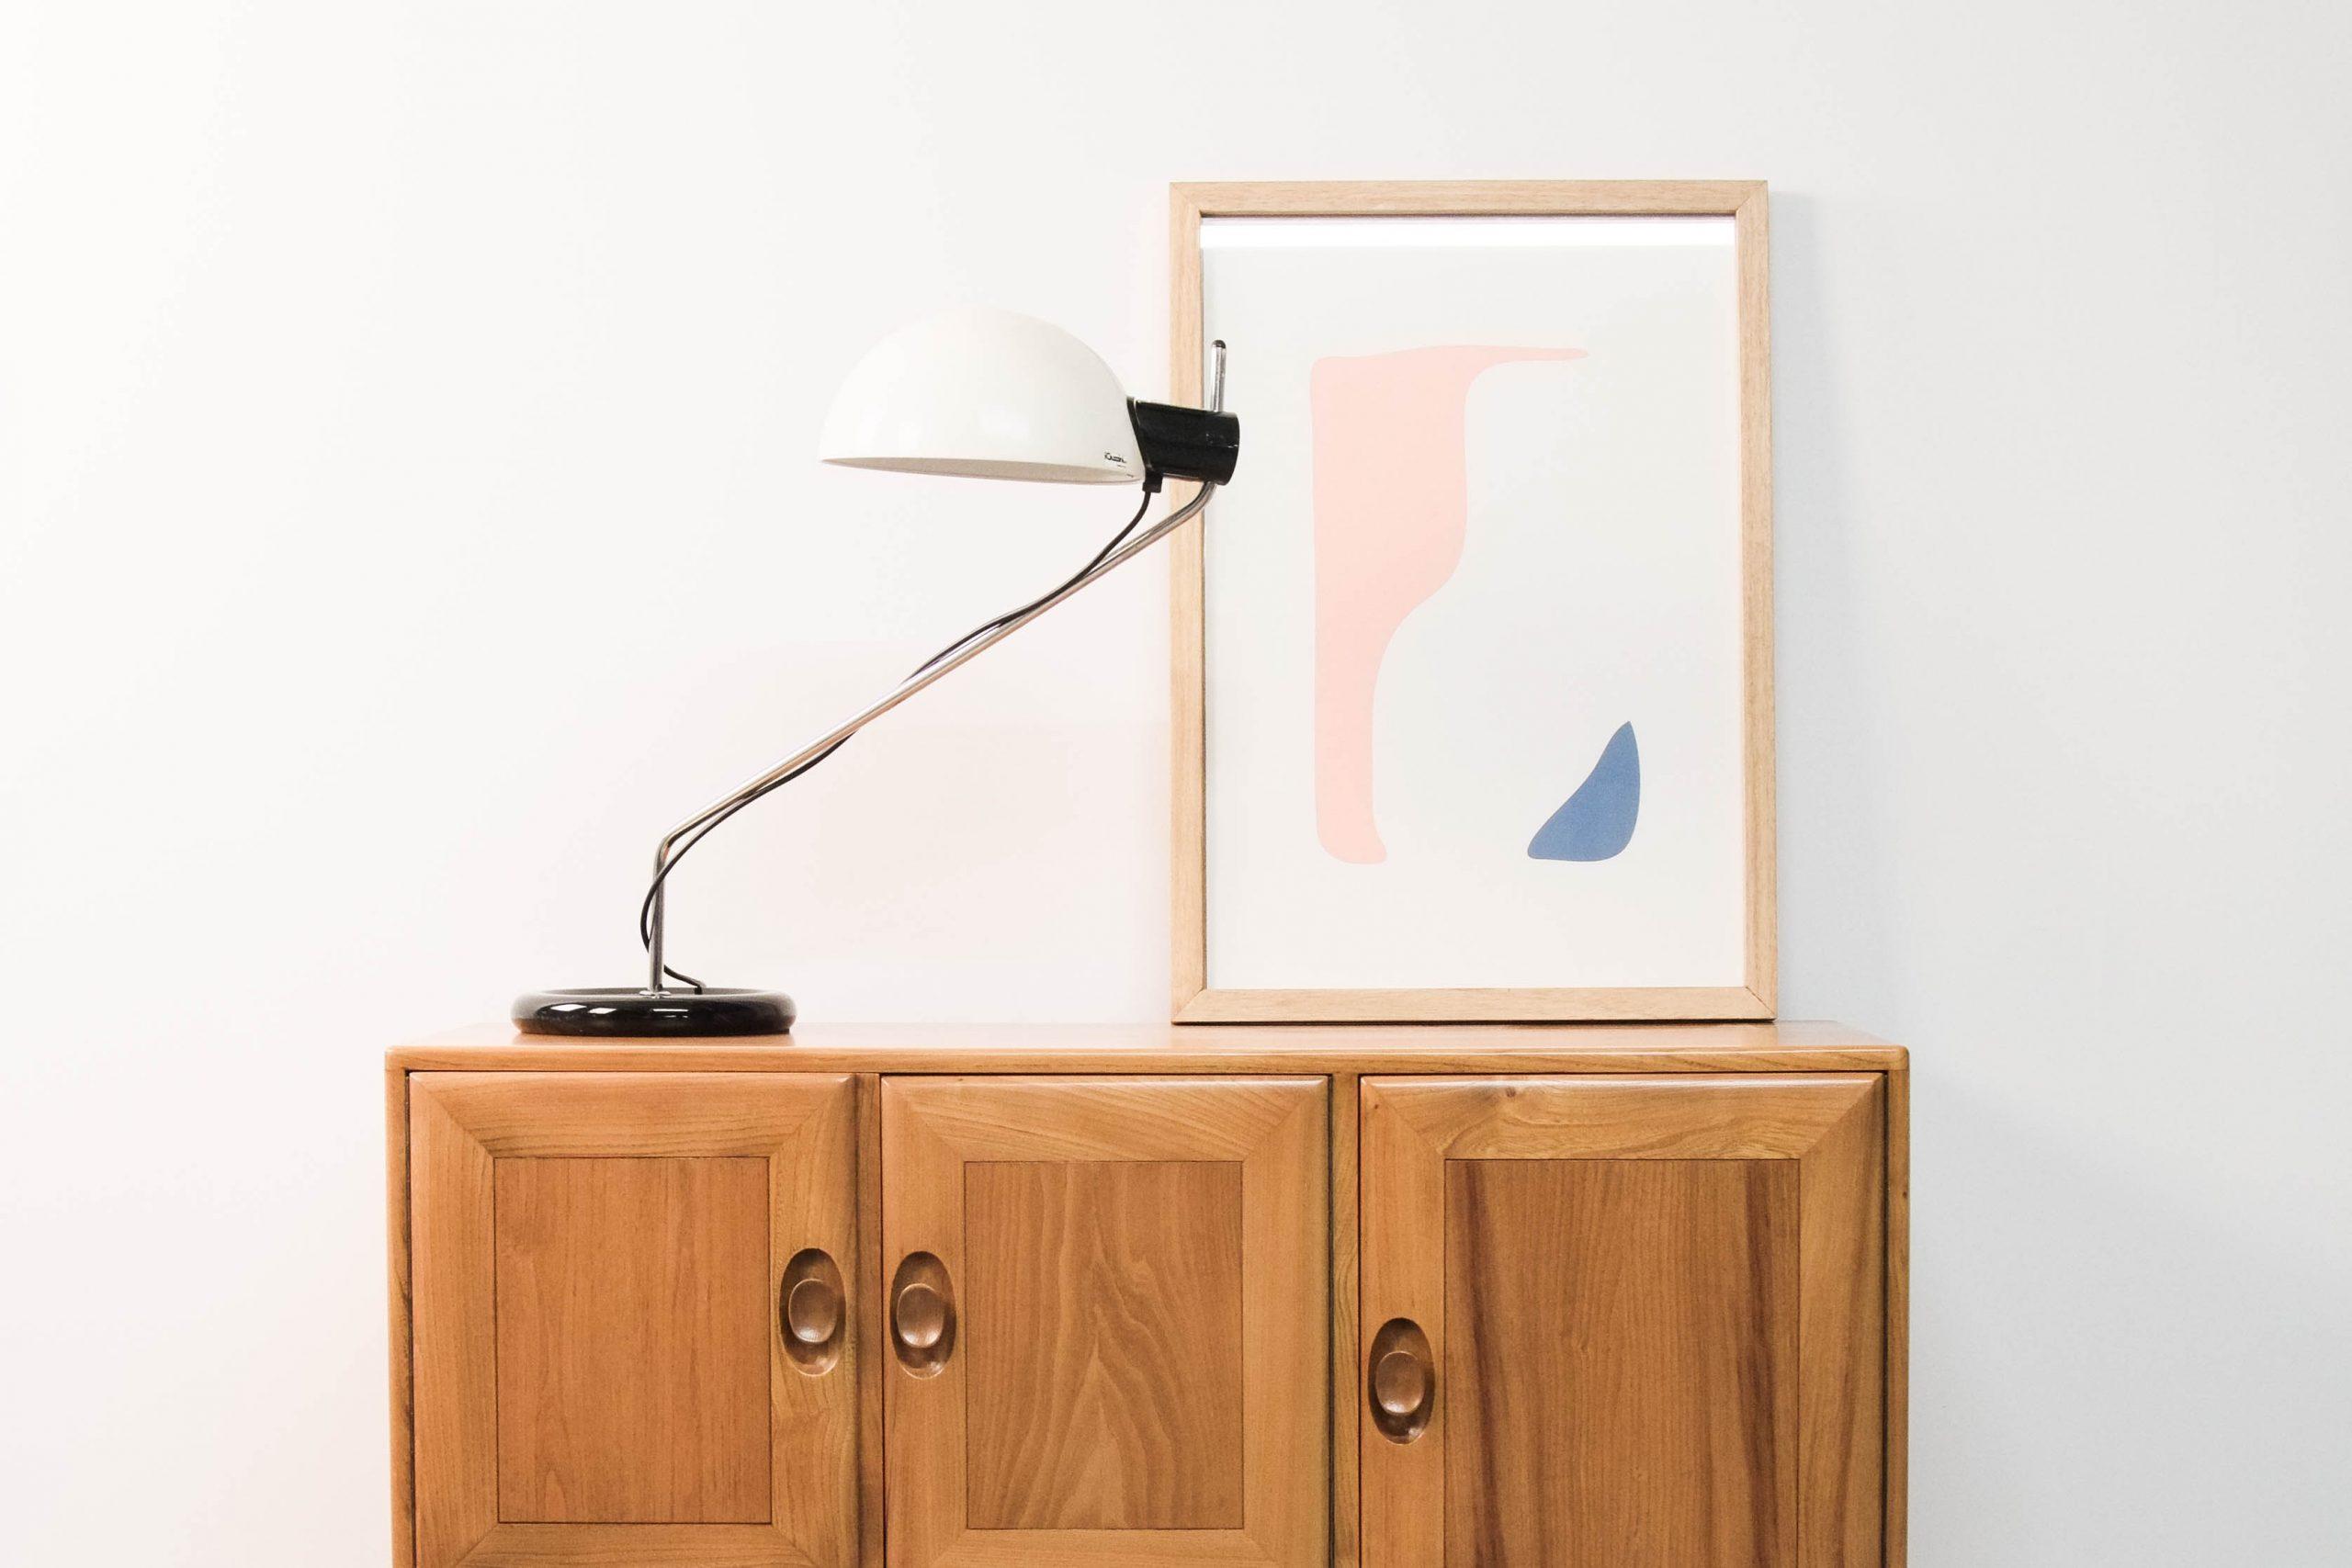 flexo lampara de diseño guzzini italiana metalica de calidad pie hierro